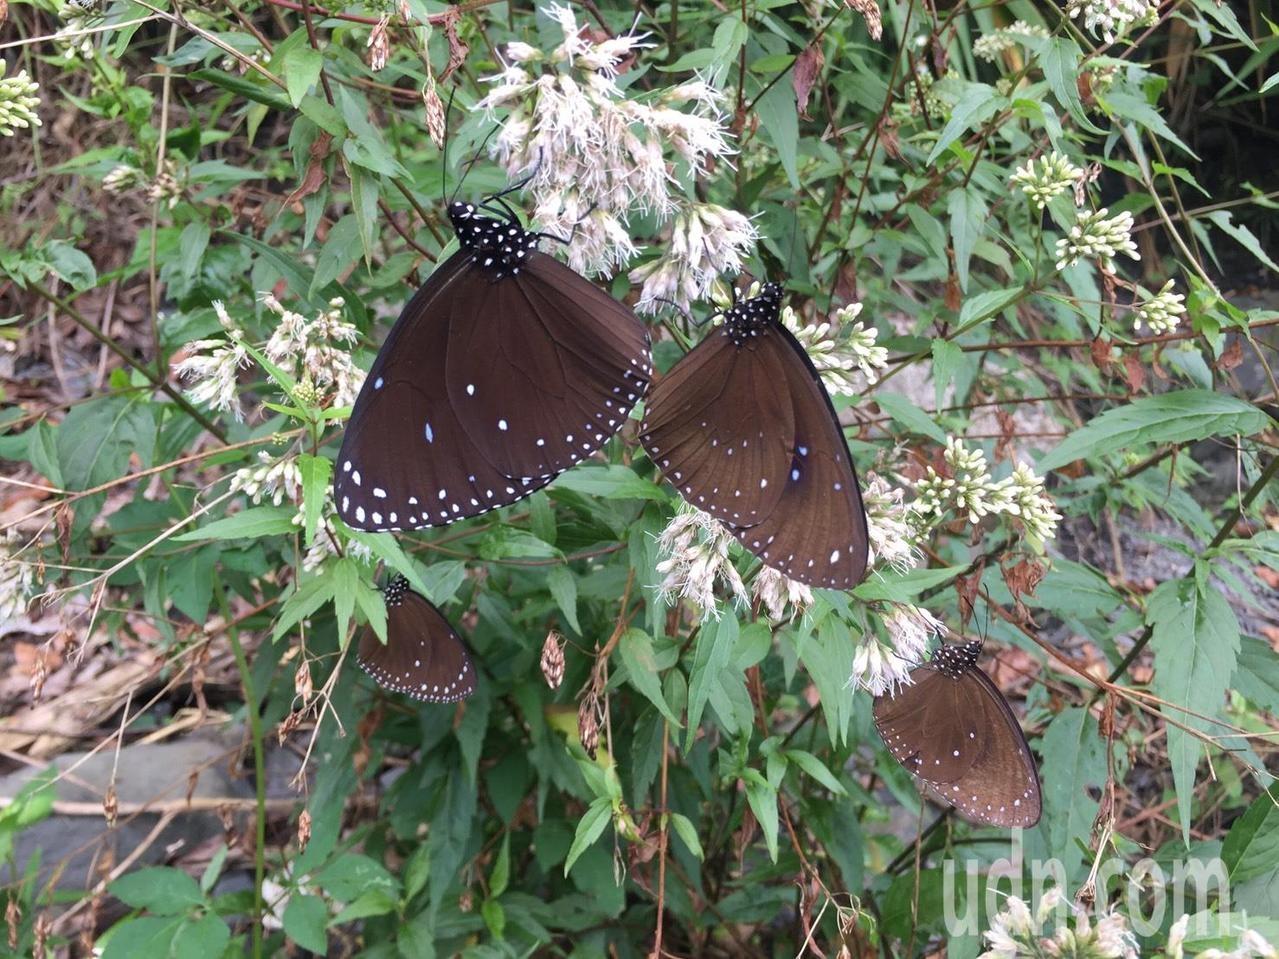 時序進入冬天,數以萬計的紫斑蝶今年準時南下越冬,茂林紫蝶幽谷蝶影紛飛。記者王昭月/攝影